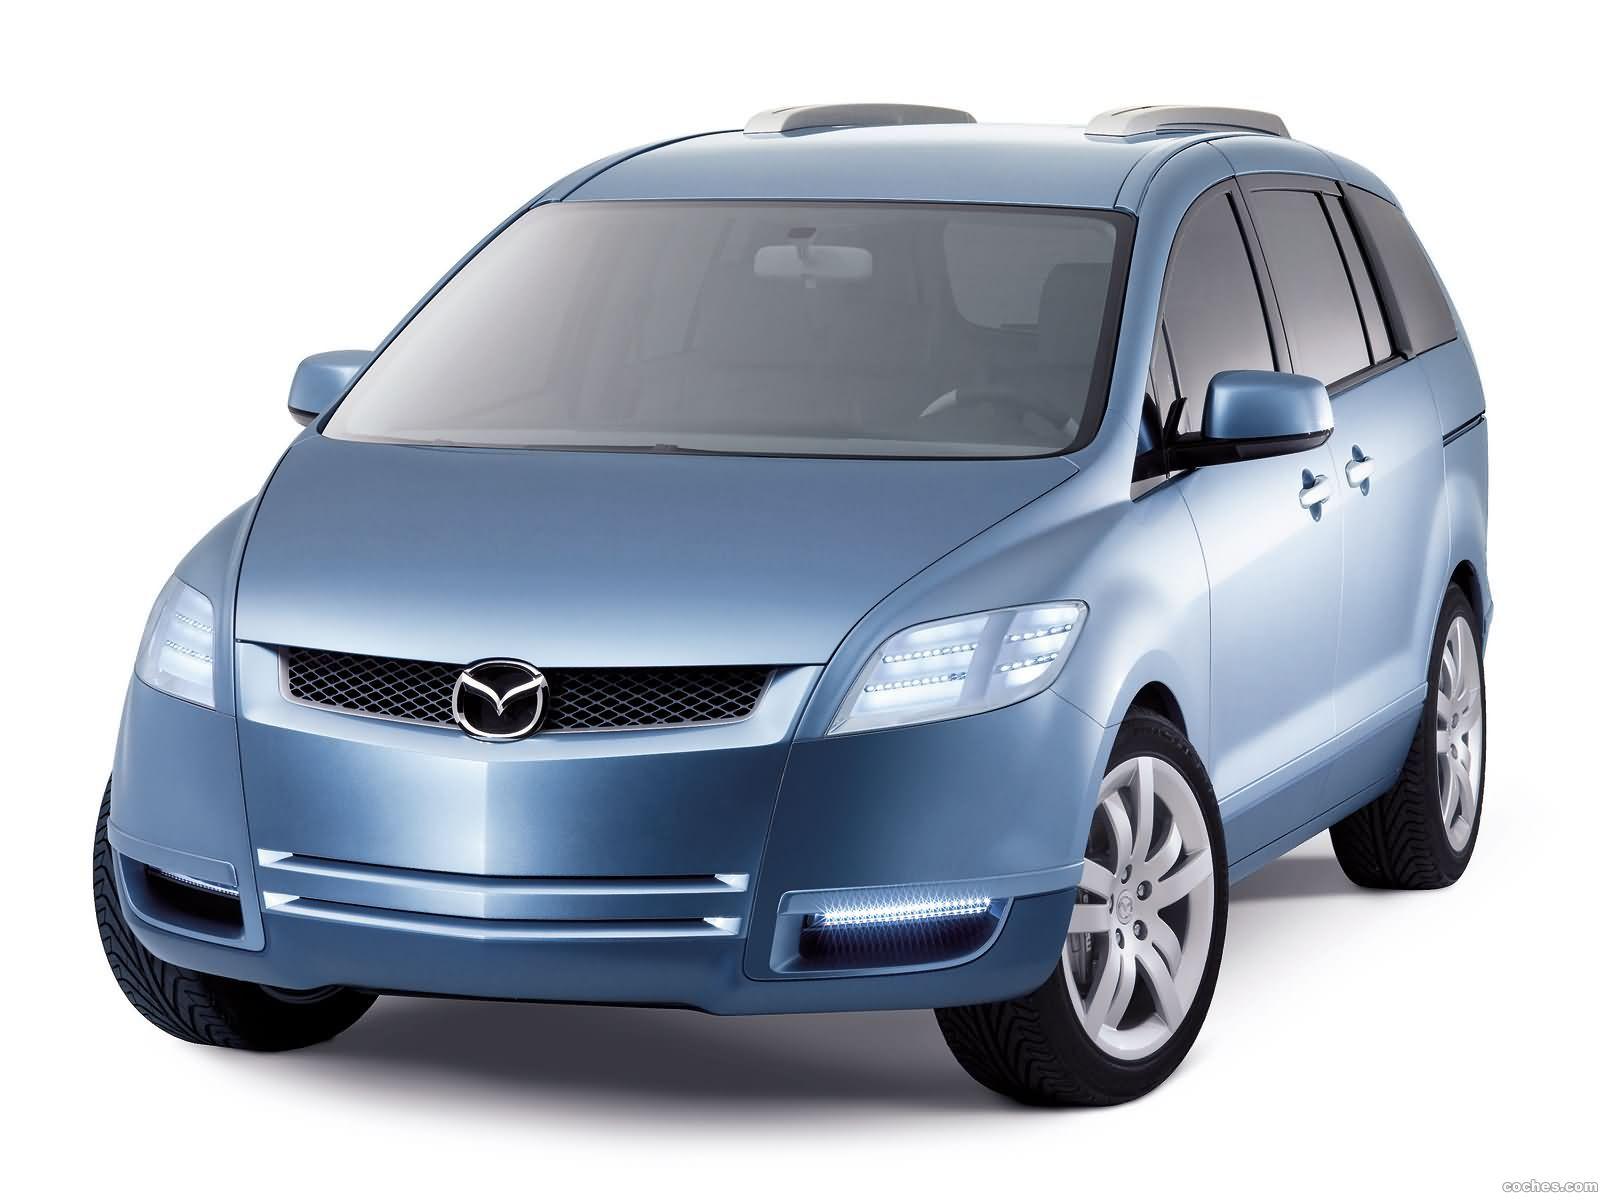 Foto 0 de Mazda MX Flexa Concept 2004